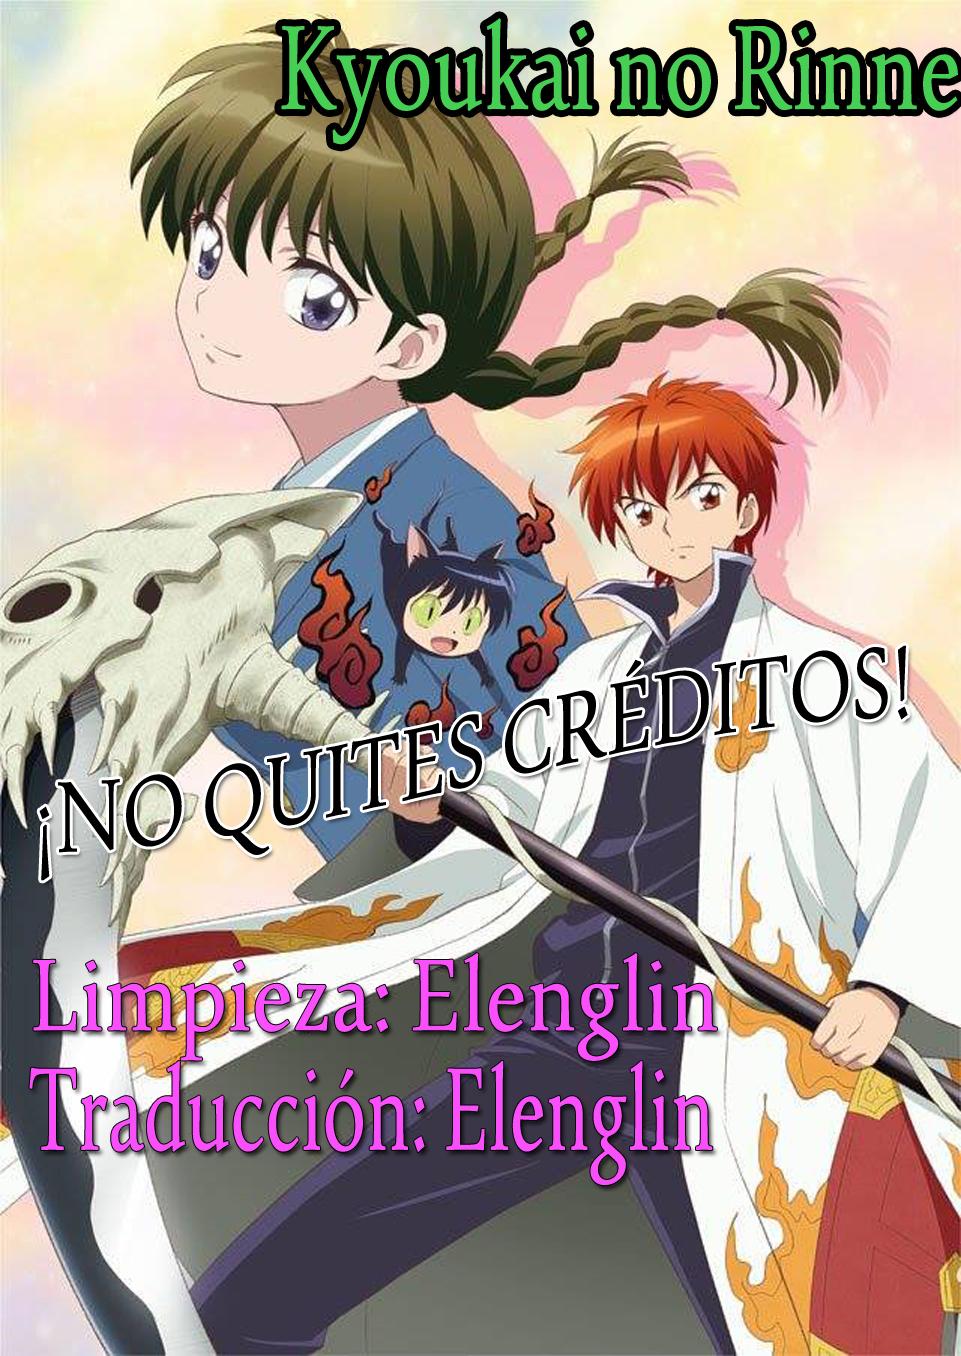 https://c5.ninemanga.com/es_manga/33/609/381589/bb702465f3c3141263ddd046c9585b27.jpg Page 2